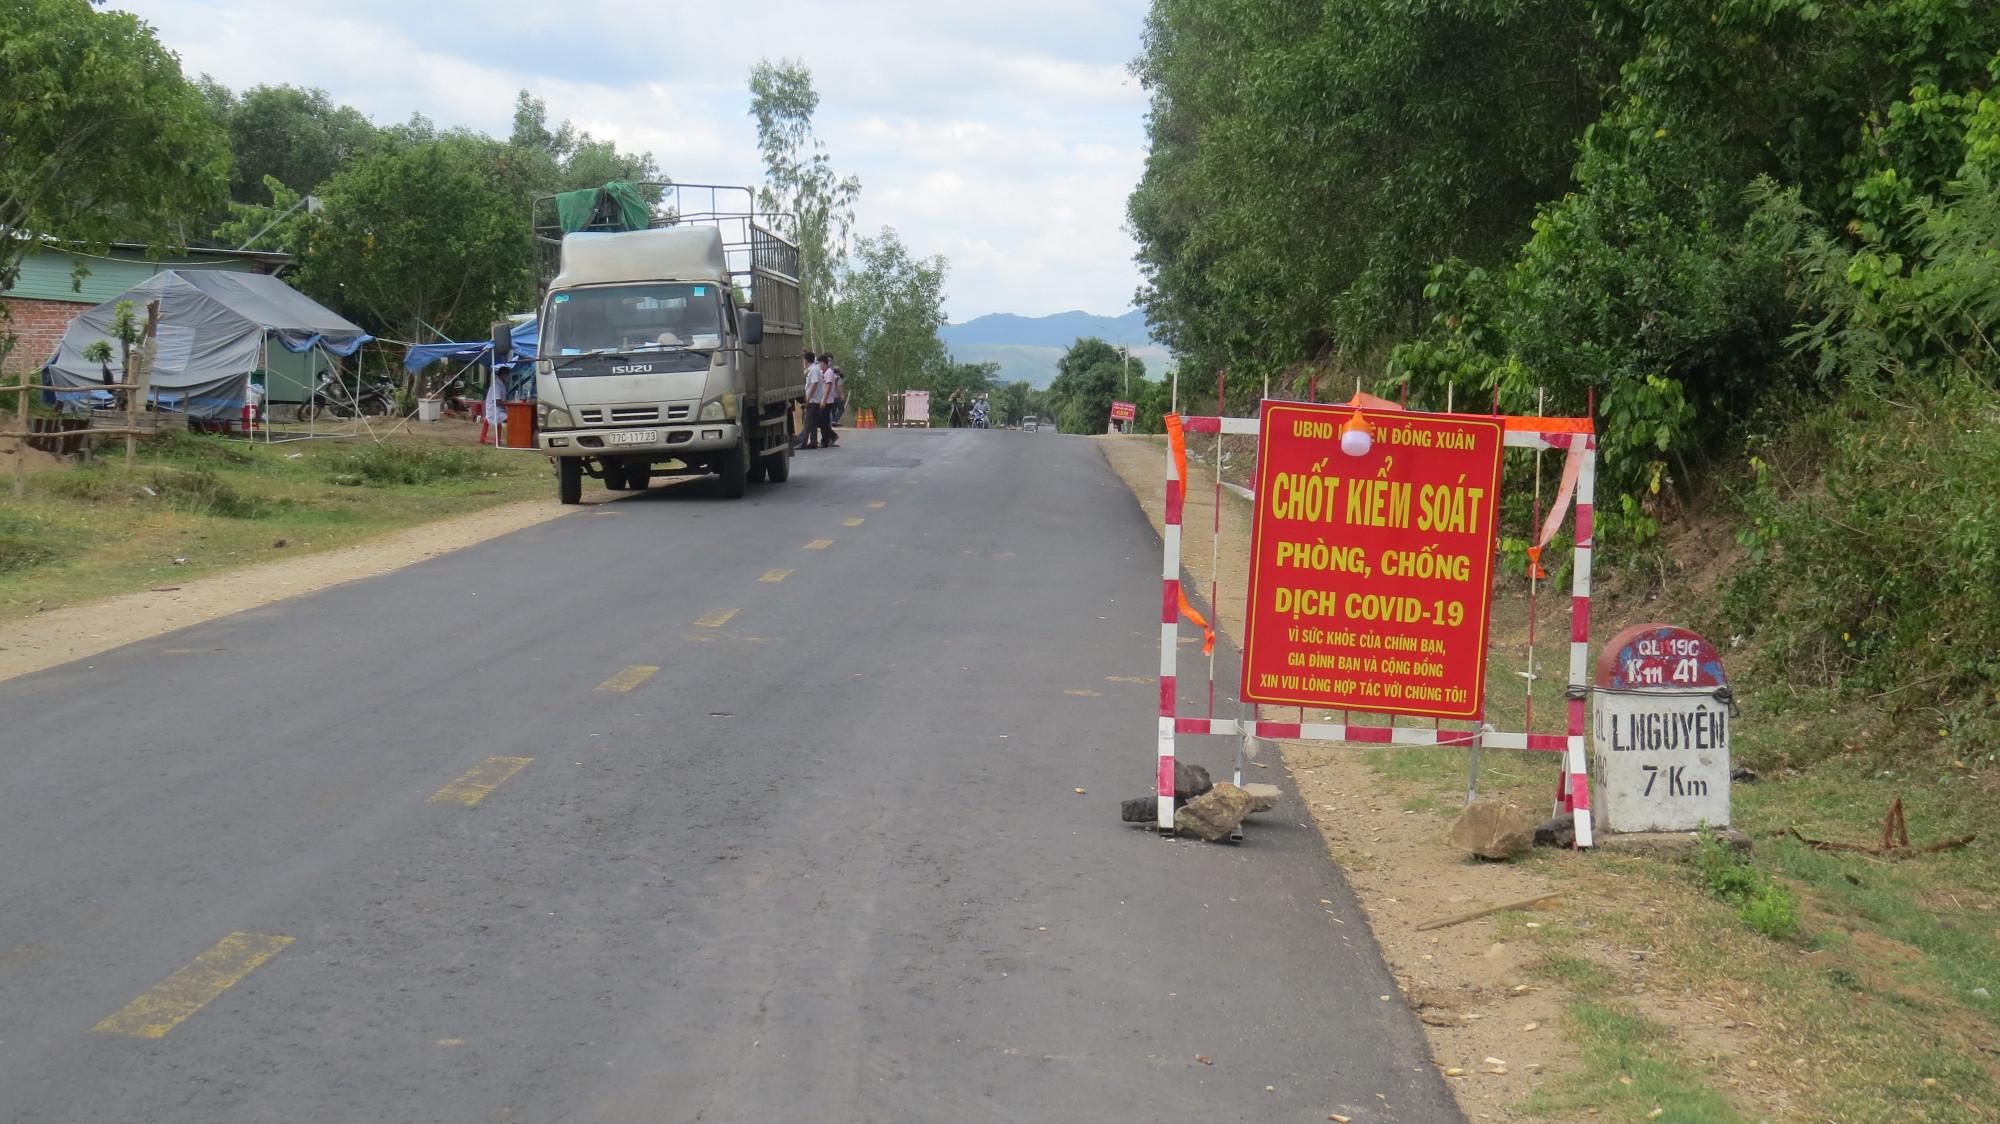 Chốt chặn kiểm dịch COVID-19 trên quốc lộ 19C, khu vực giáp ranh tỉnh Phú Yên, Bình Định